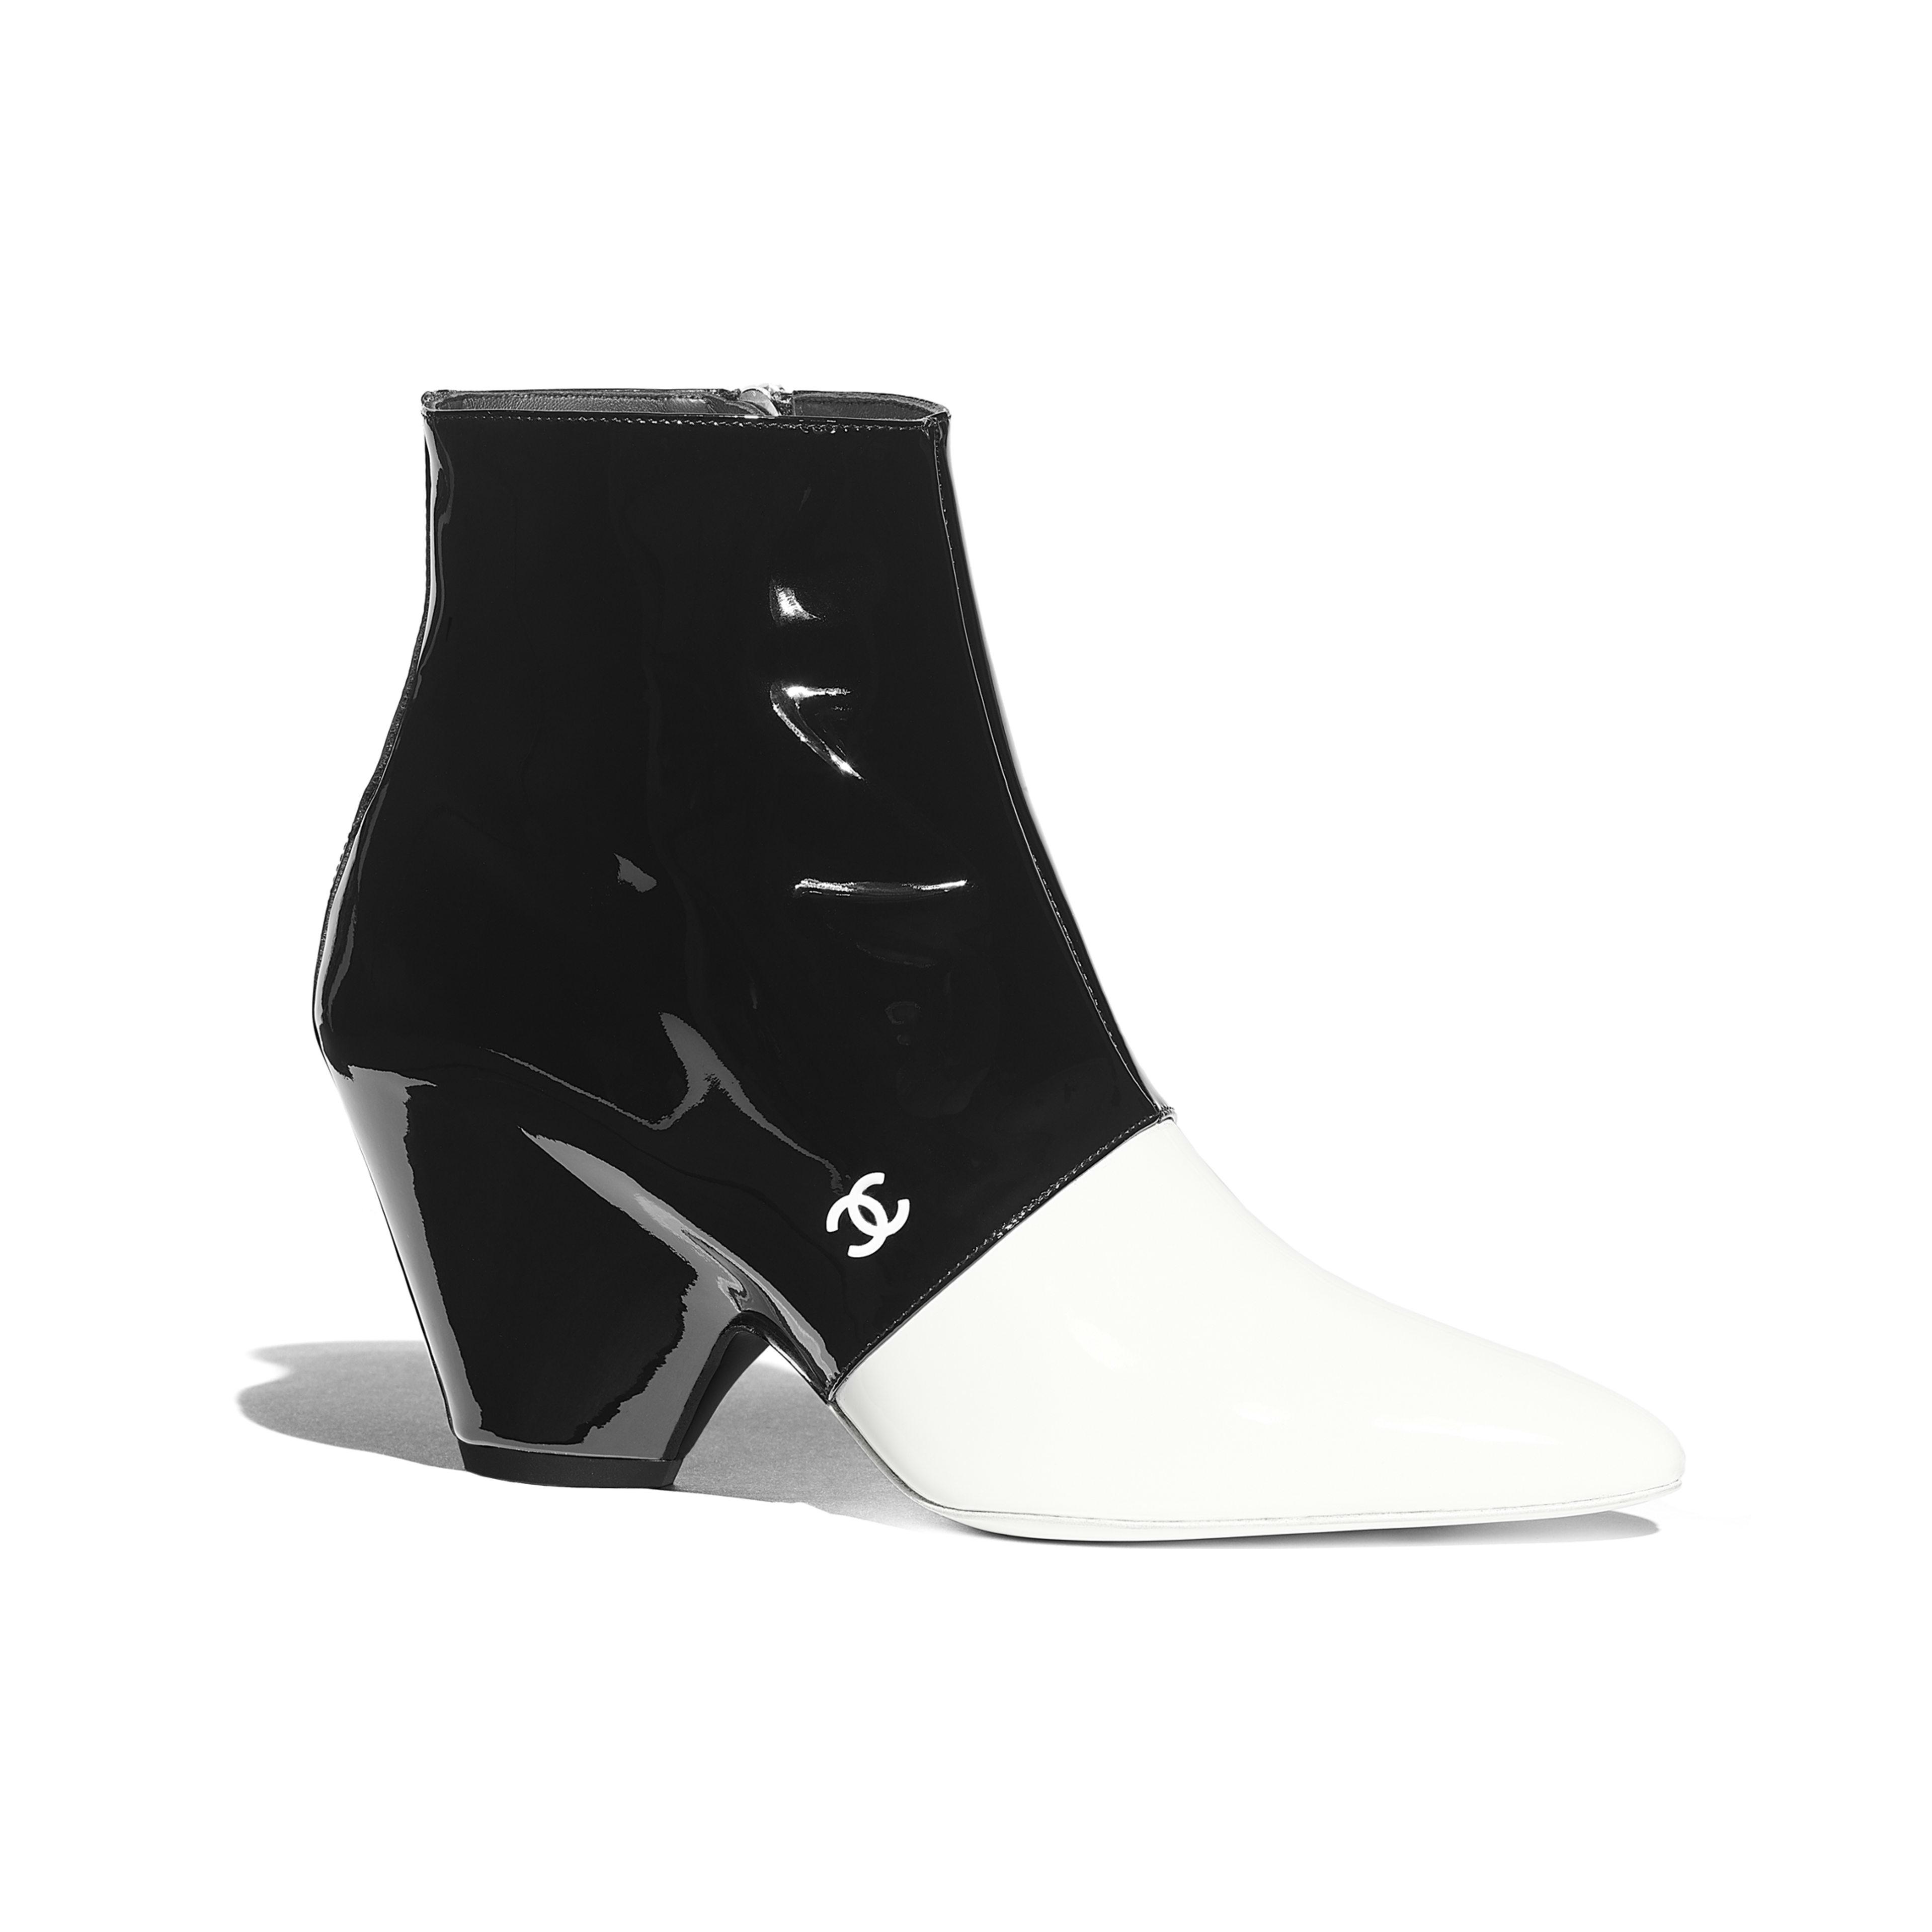 รองเท้าบู้ทสั้น - สีขาวและสีดำ - หนังลูกวัวเคลือบเงา - มุมมองปัจจุบัน - ดูเวอร์ชันขนาดเต็ม